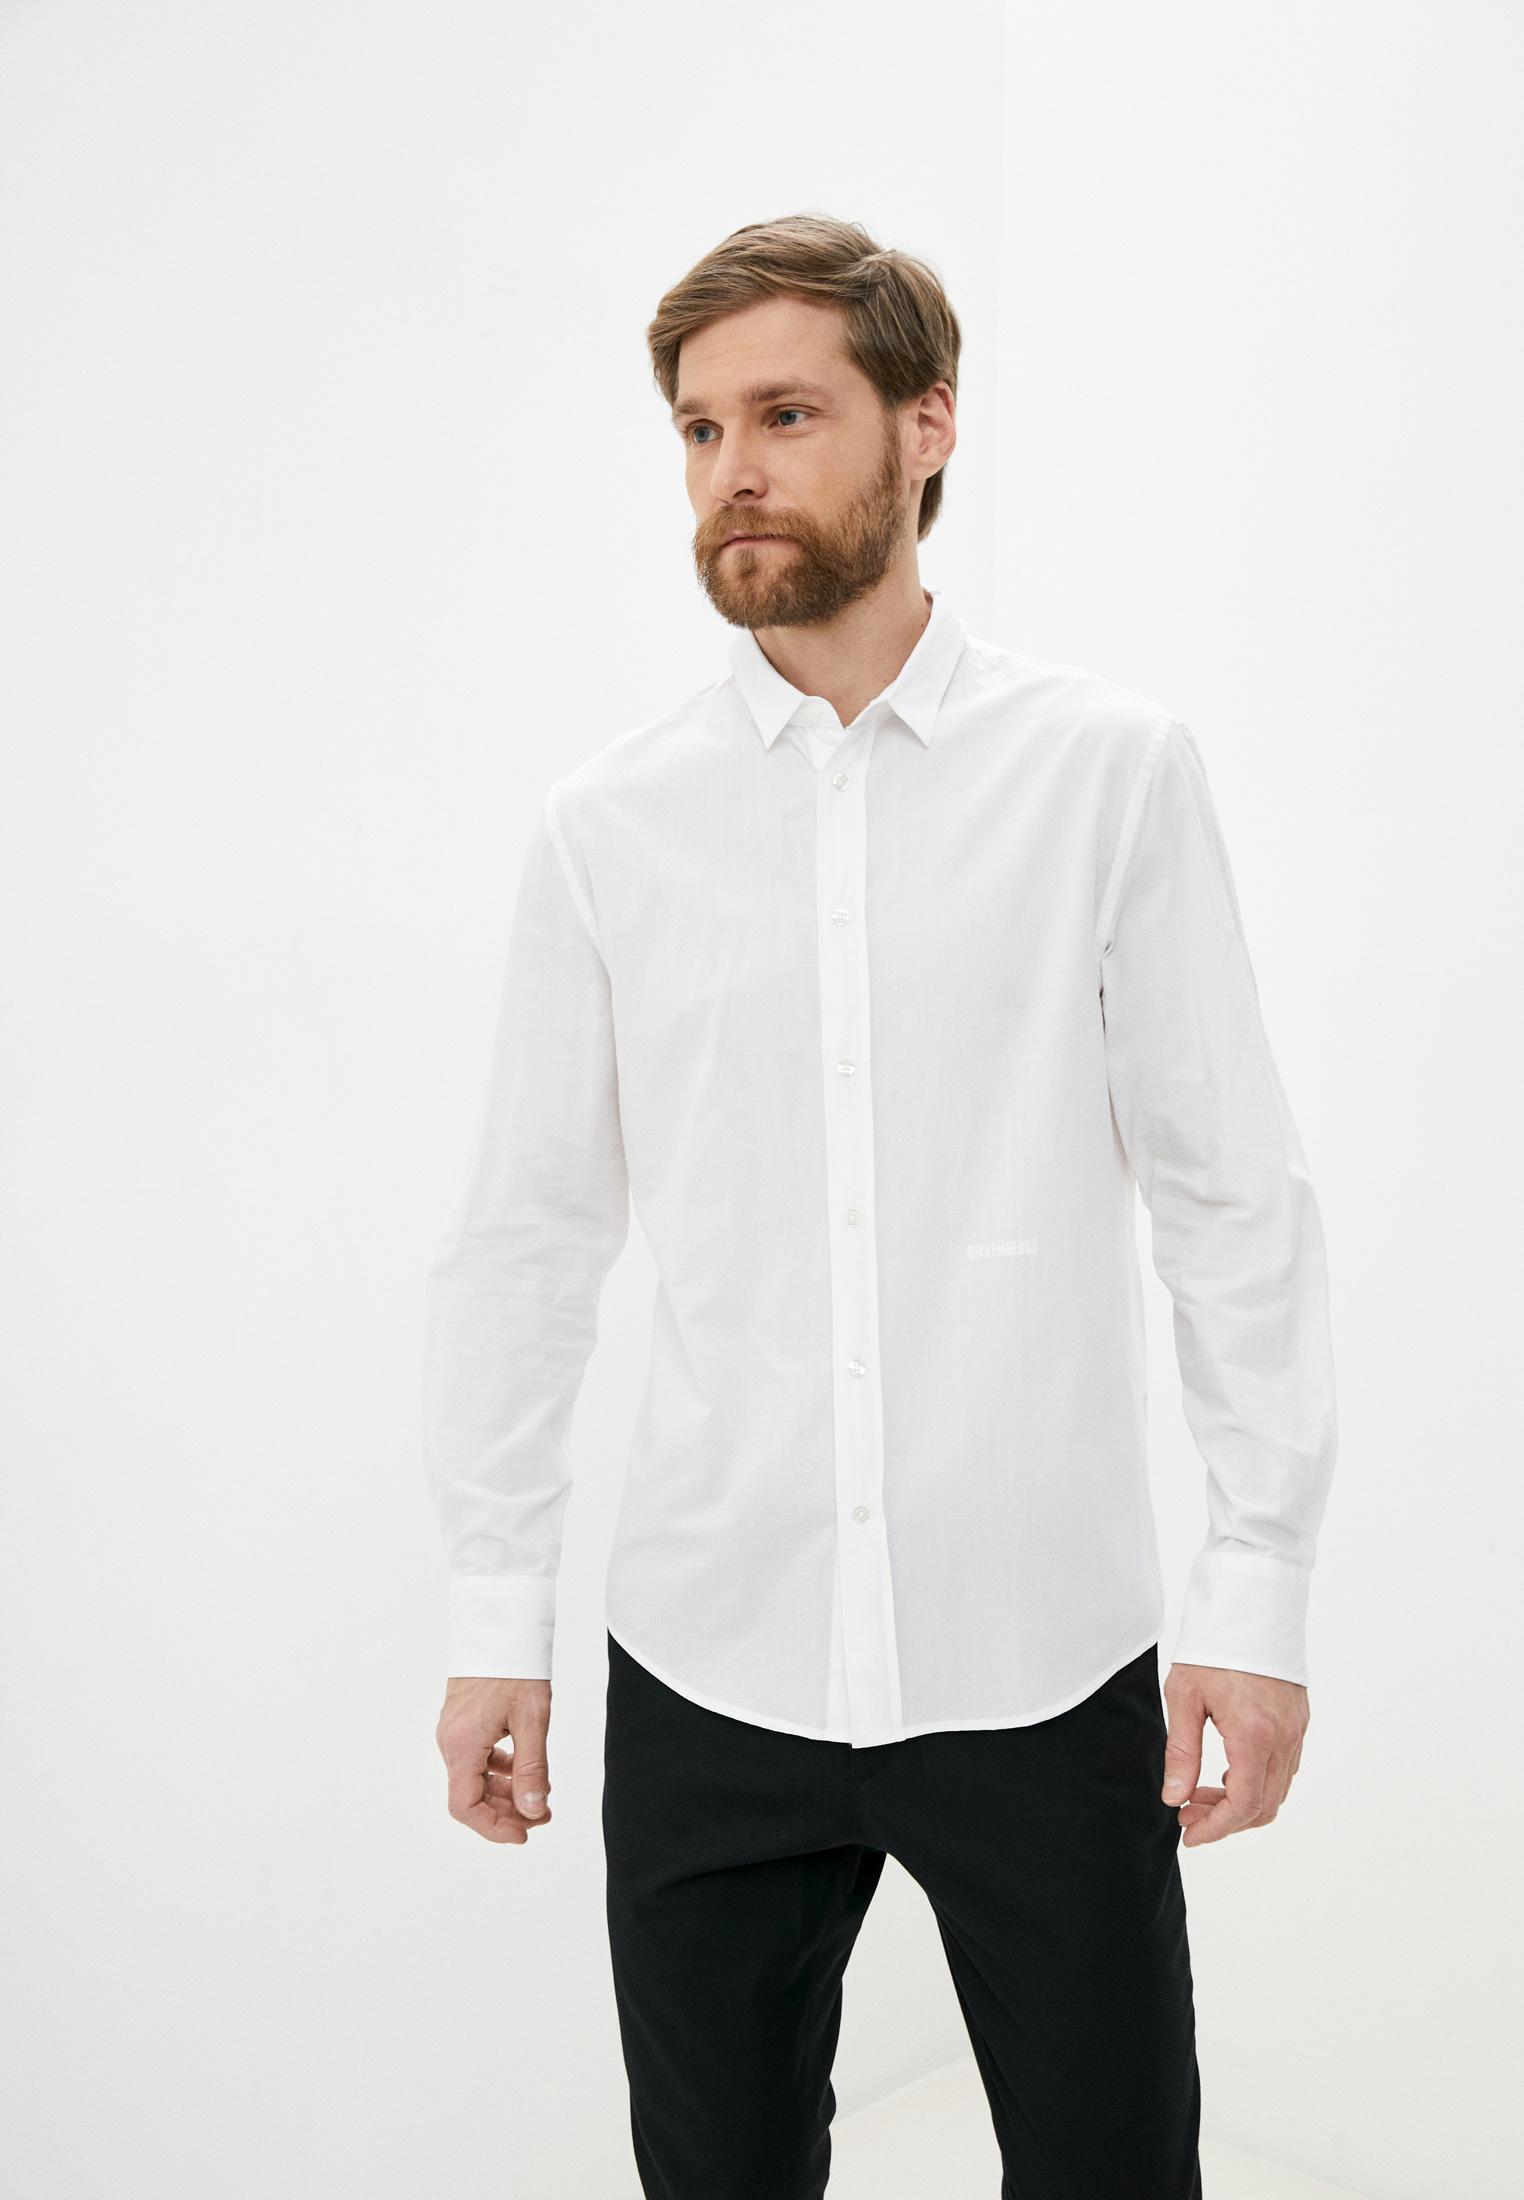 Рубашка с длинным рукавом Bikkembergs (Биккембергс) C C 014 01 T 9208: изображение 5